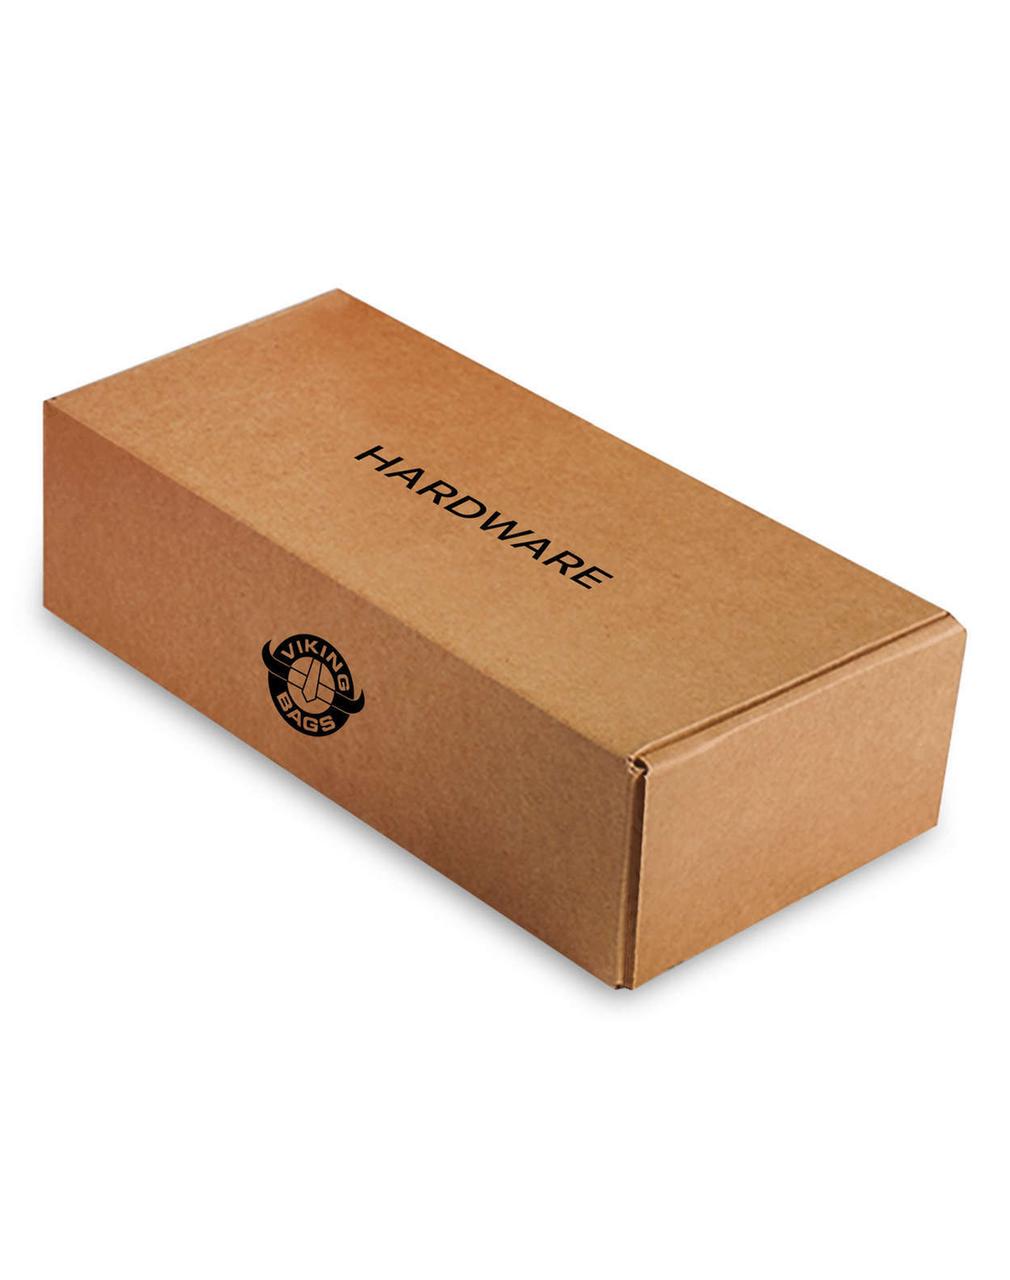 Triumph Rocket III Roadster Viking Lamellar Large Black Hard Saddlebags Box